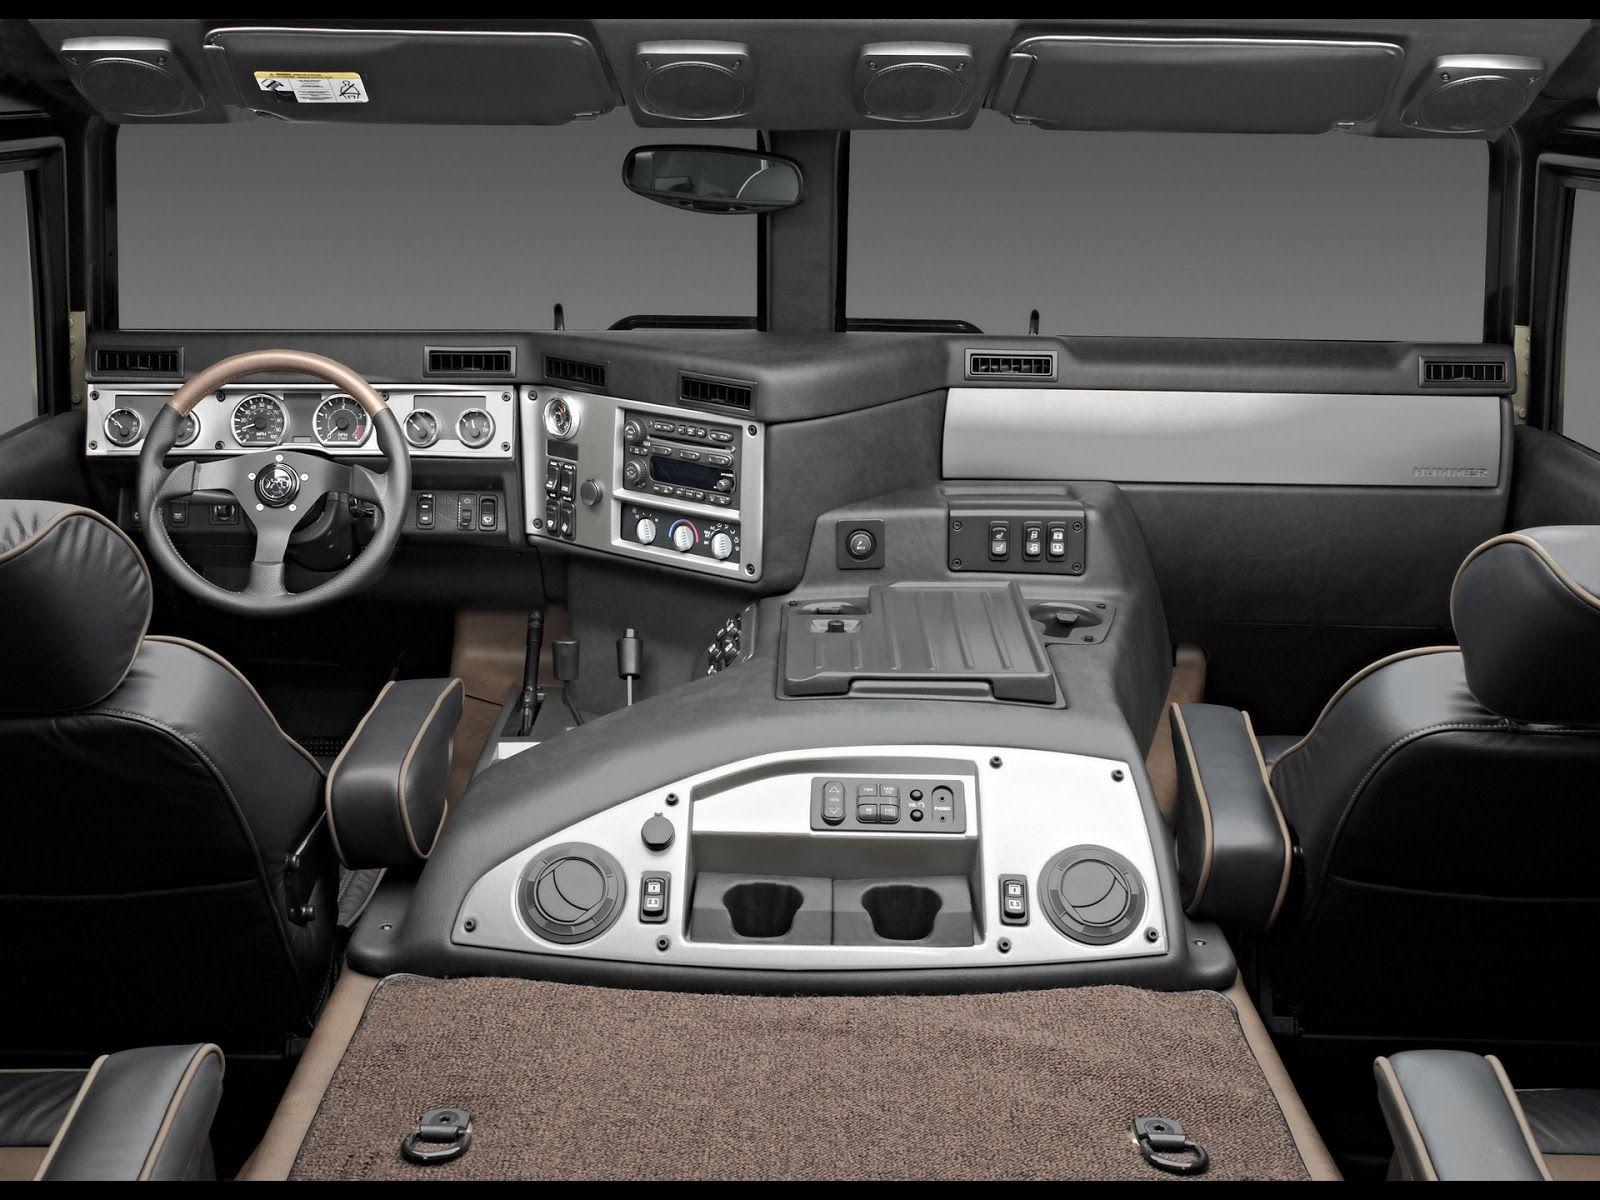 hix design auto interior - Google Search